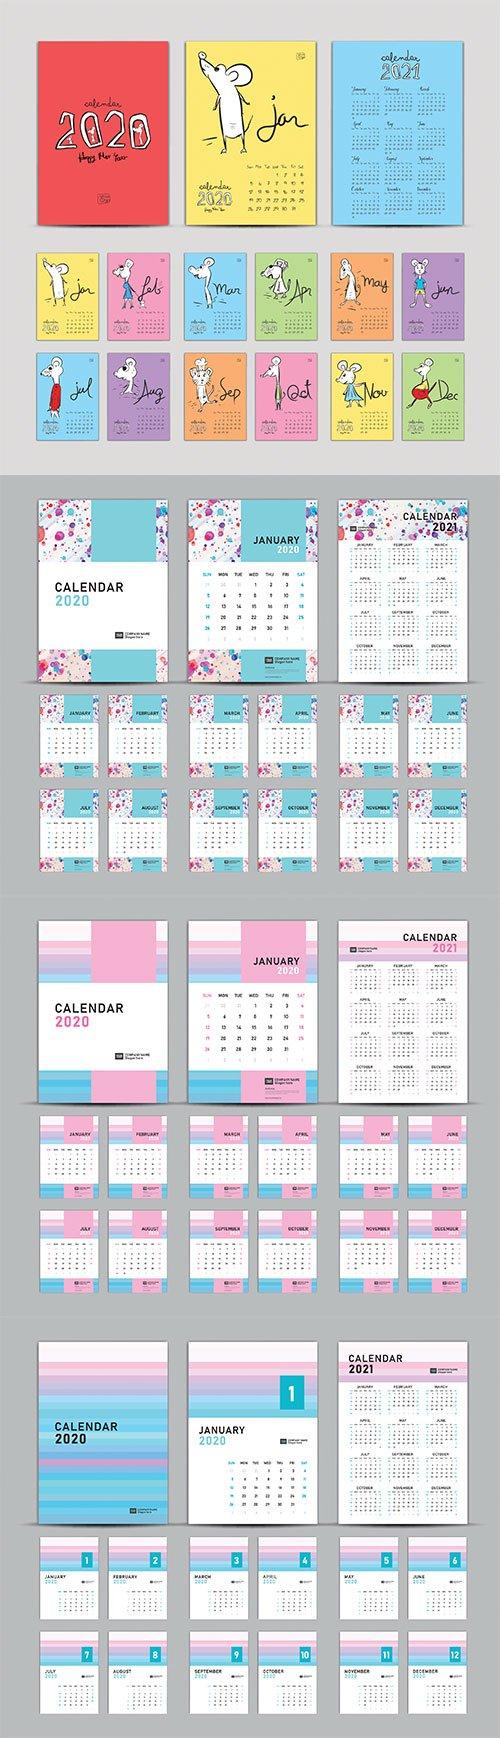 Calendar 2020-2021, Set Desk Calendar 2020 template vector, cover design, Set of 12 Months